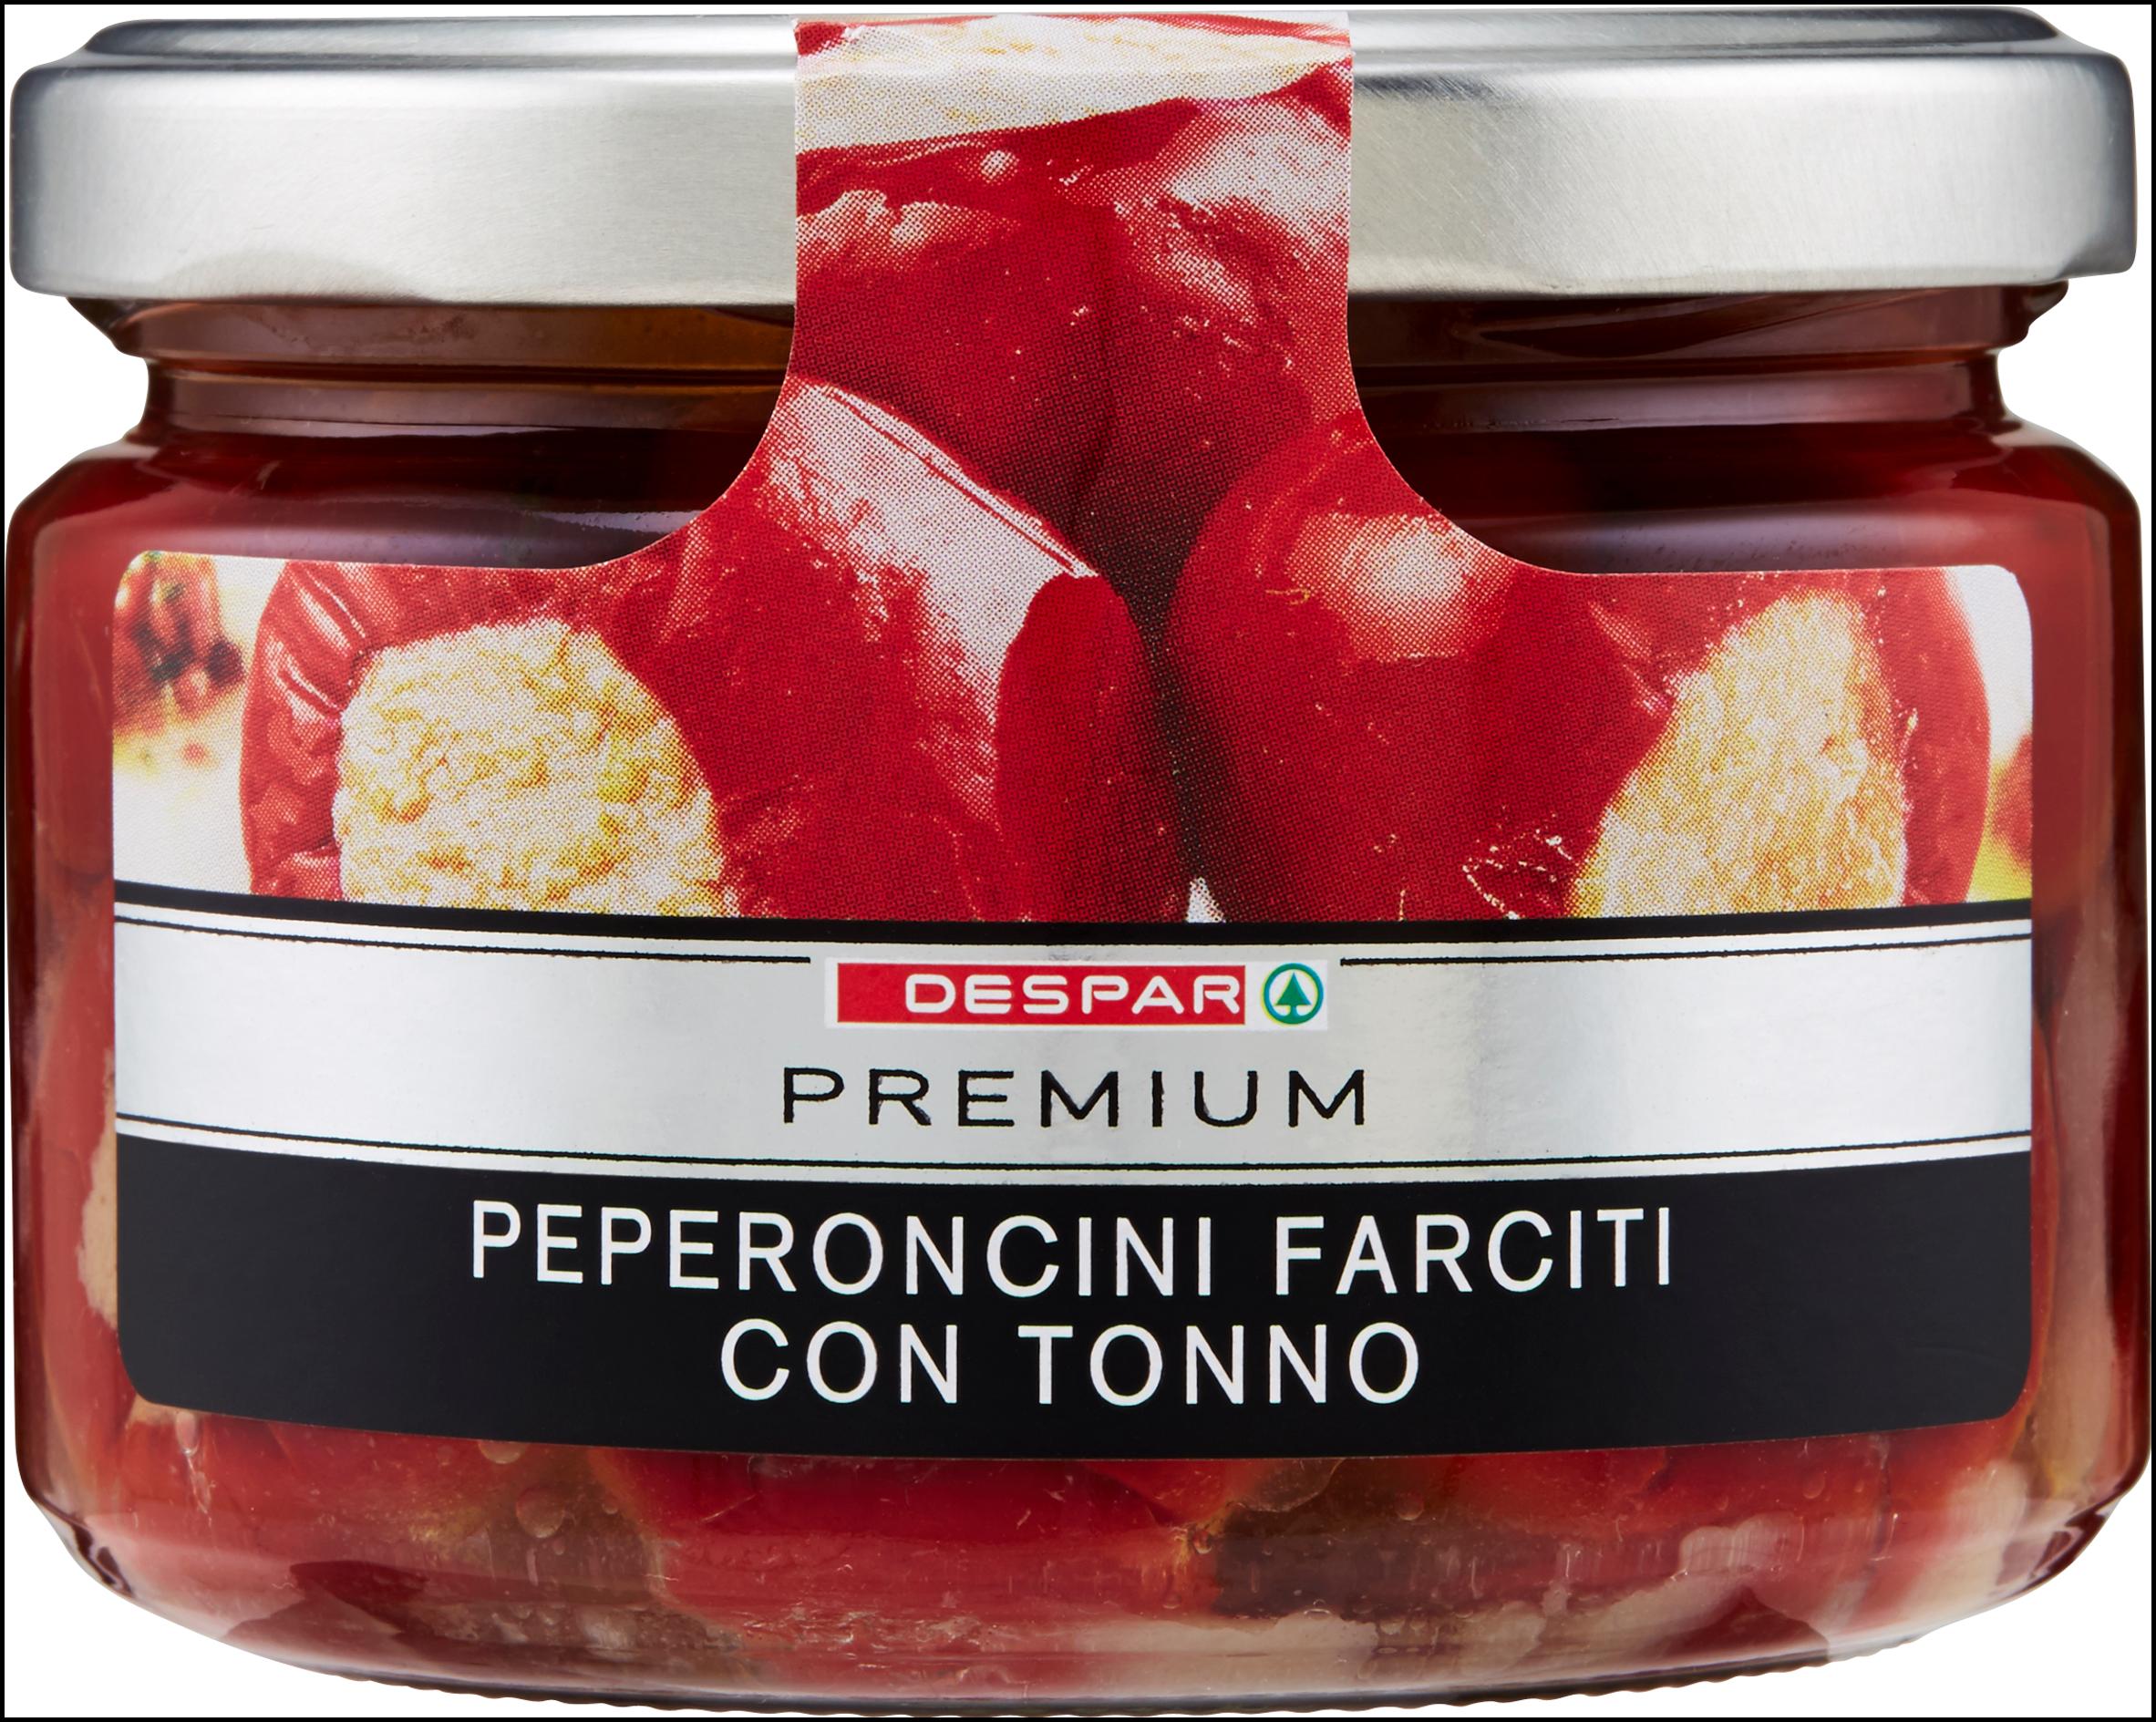 PEPERONCINI FARCITI PREMIUM 240G C/TONNO